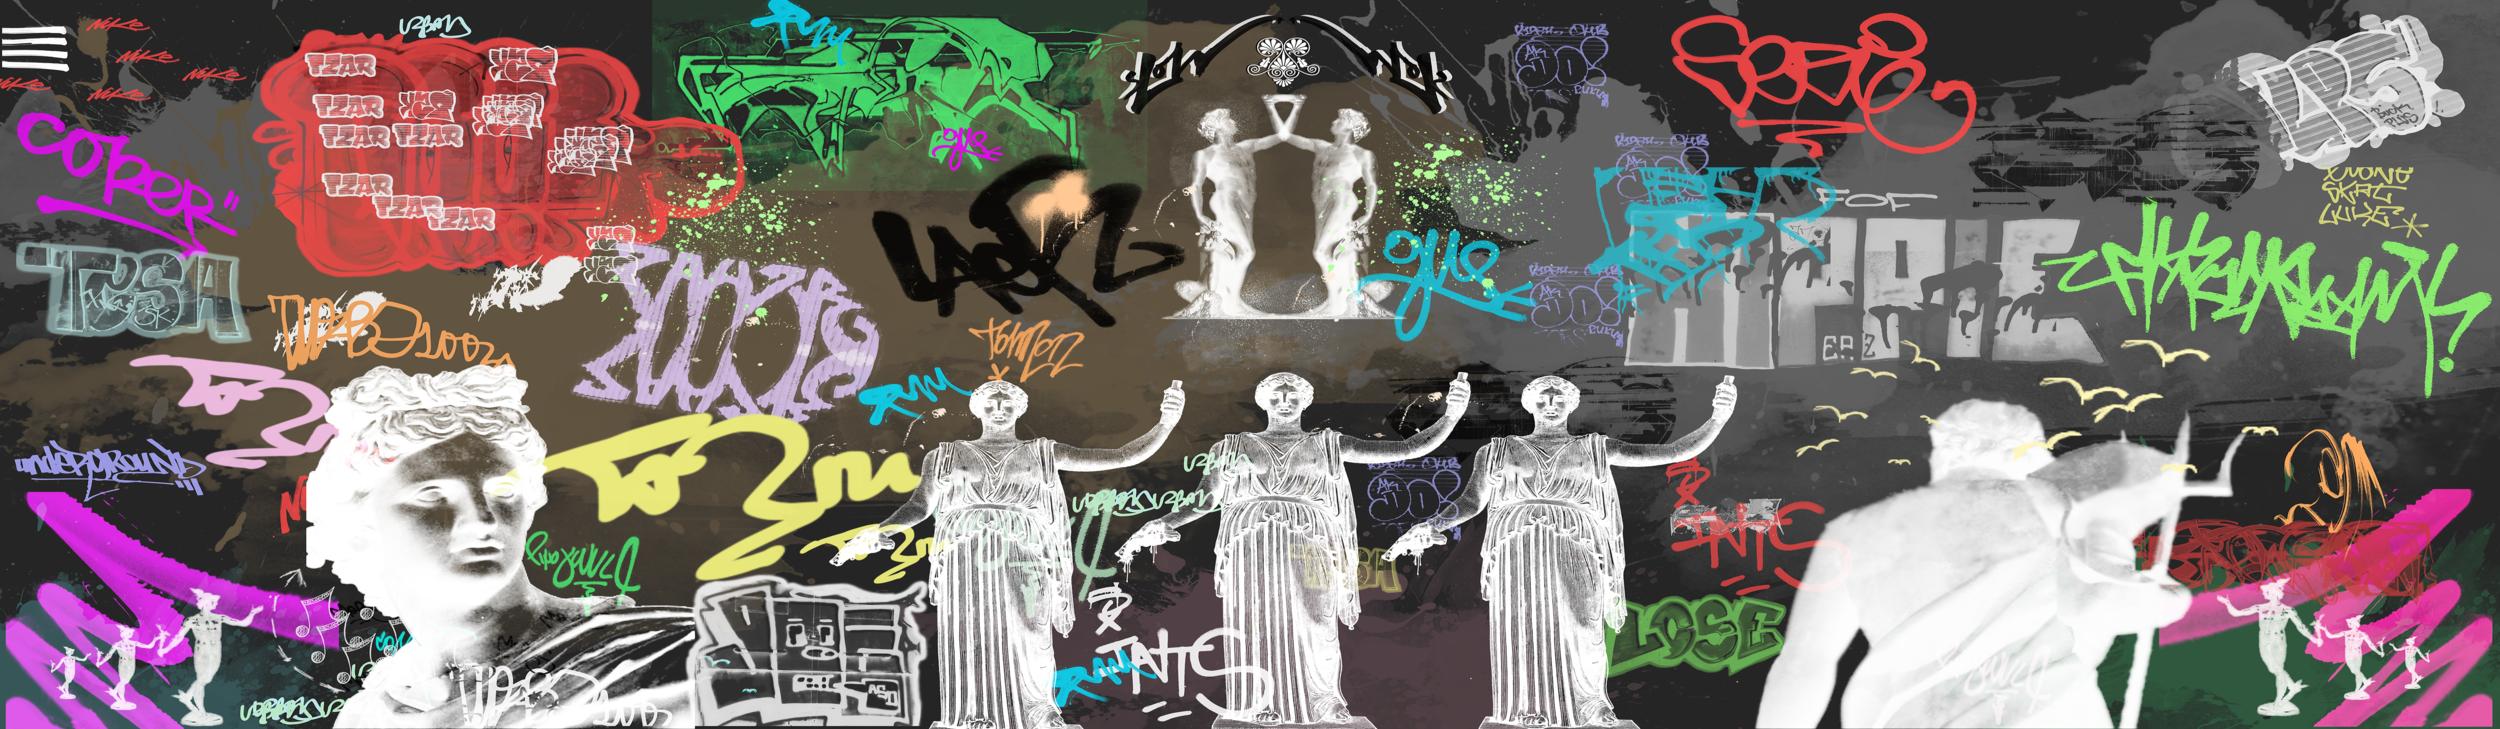 Graffiti Dreams - Mixed Media